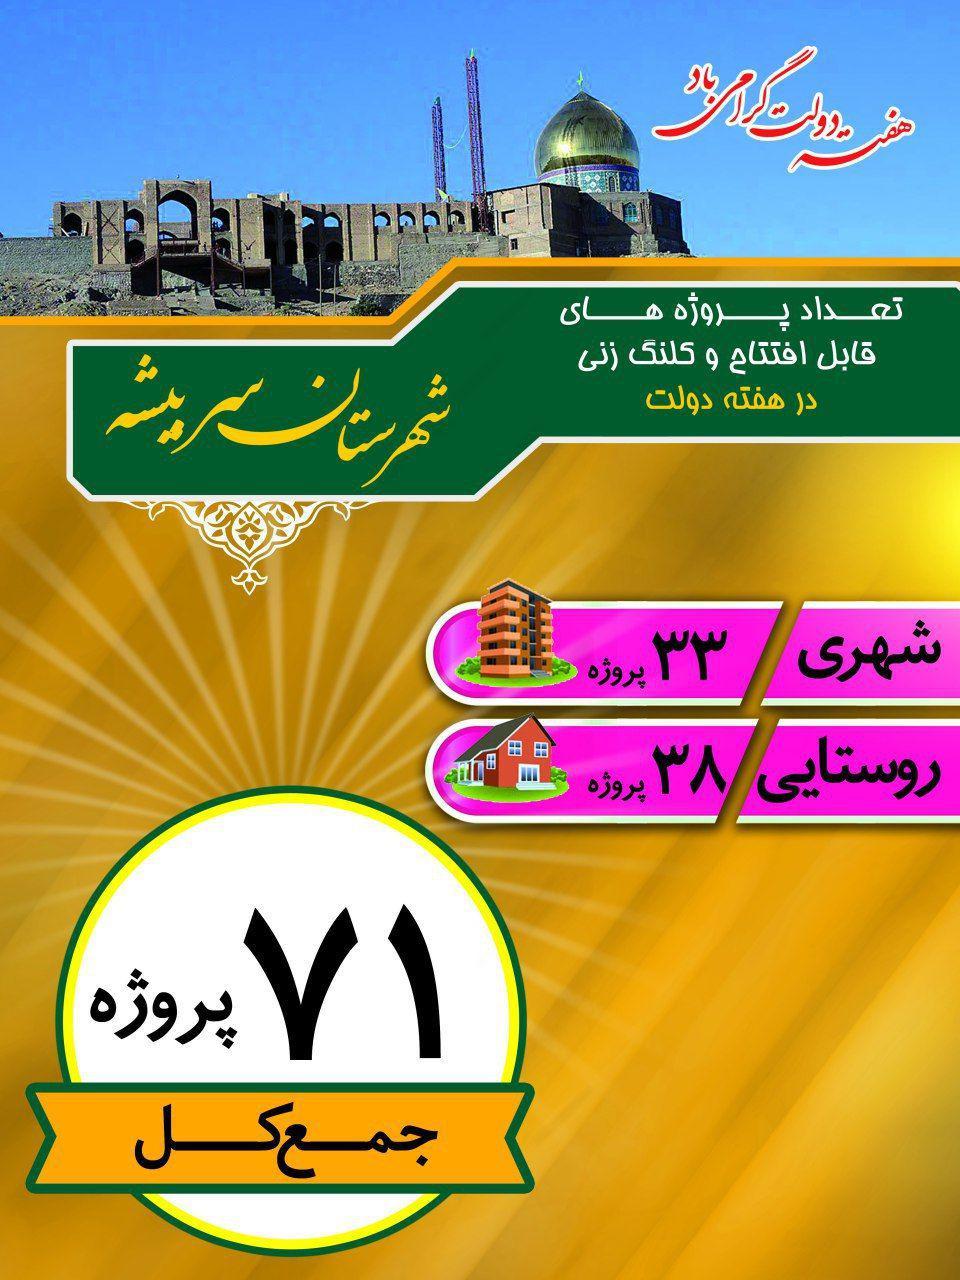 گزارش كلي هفته دولت سال 1396 در شهرستان سربيشه